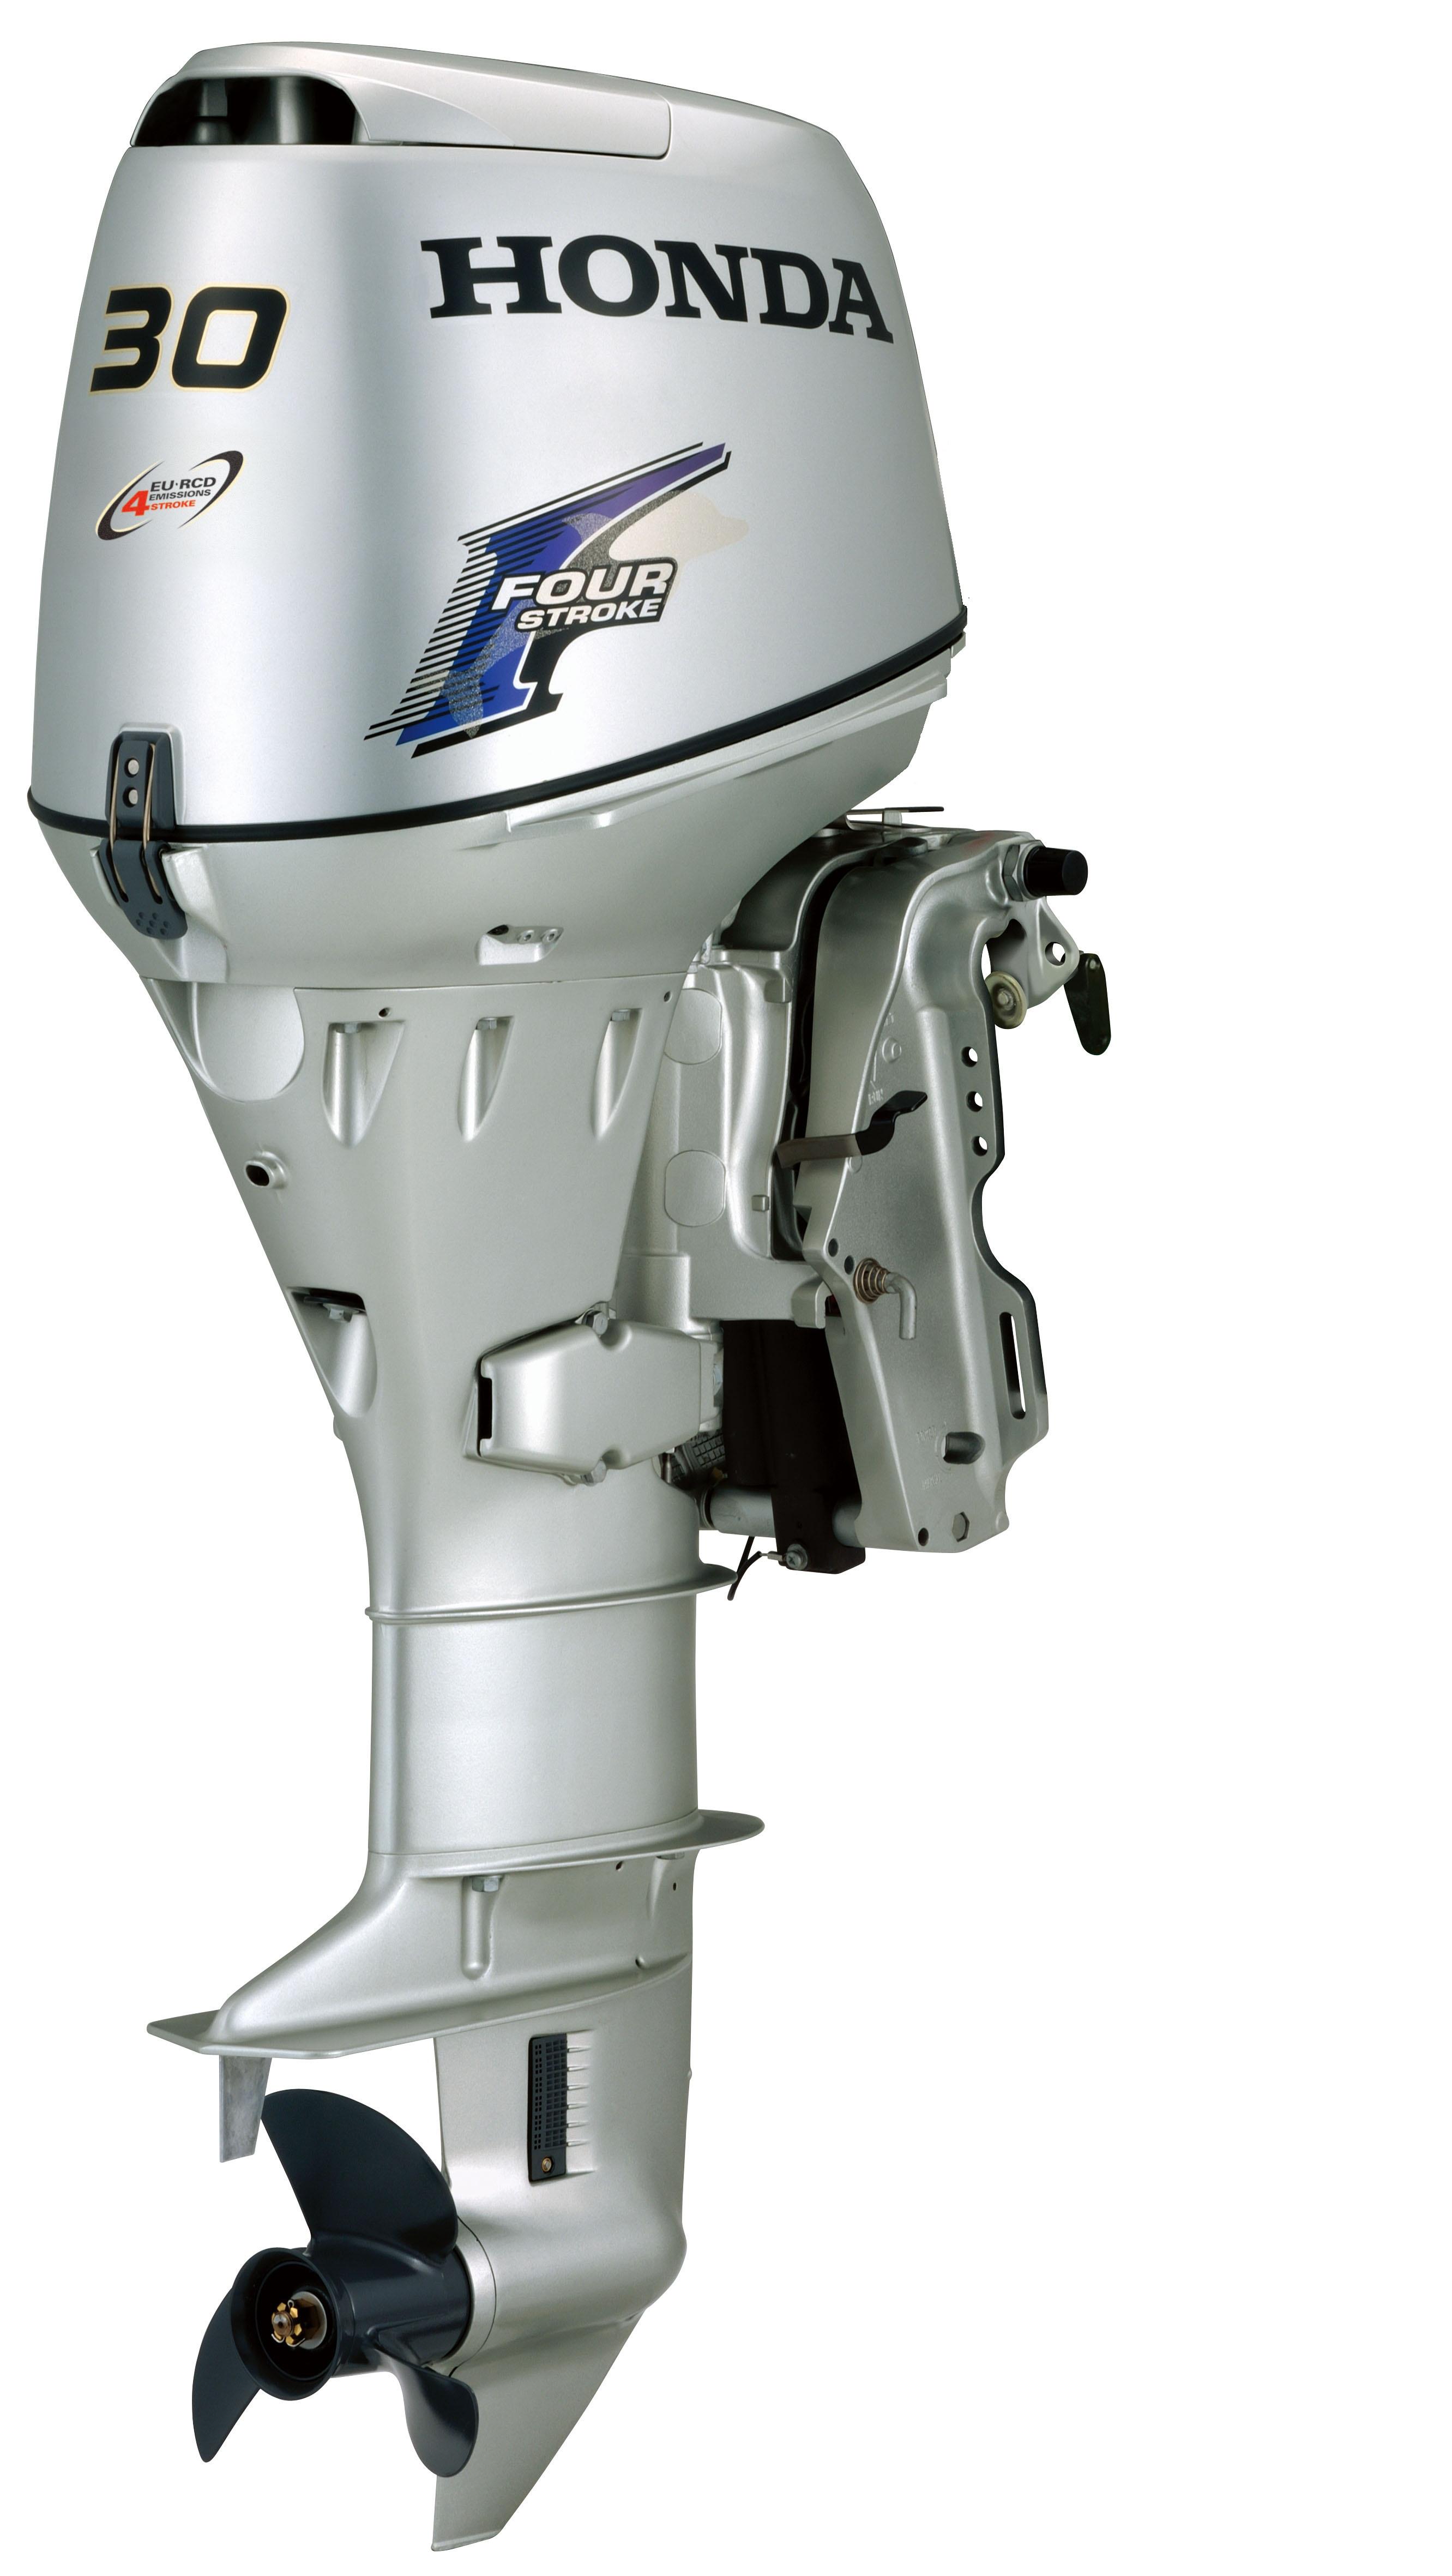 подвесной двигатель для лодки honda